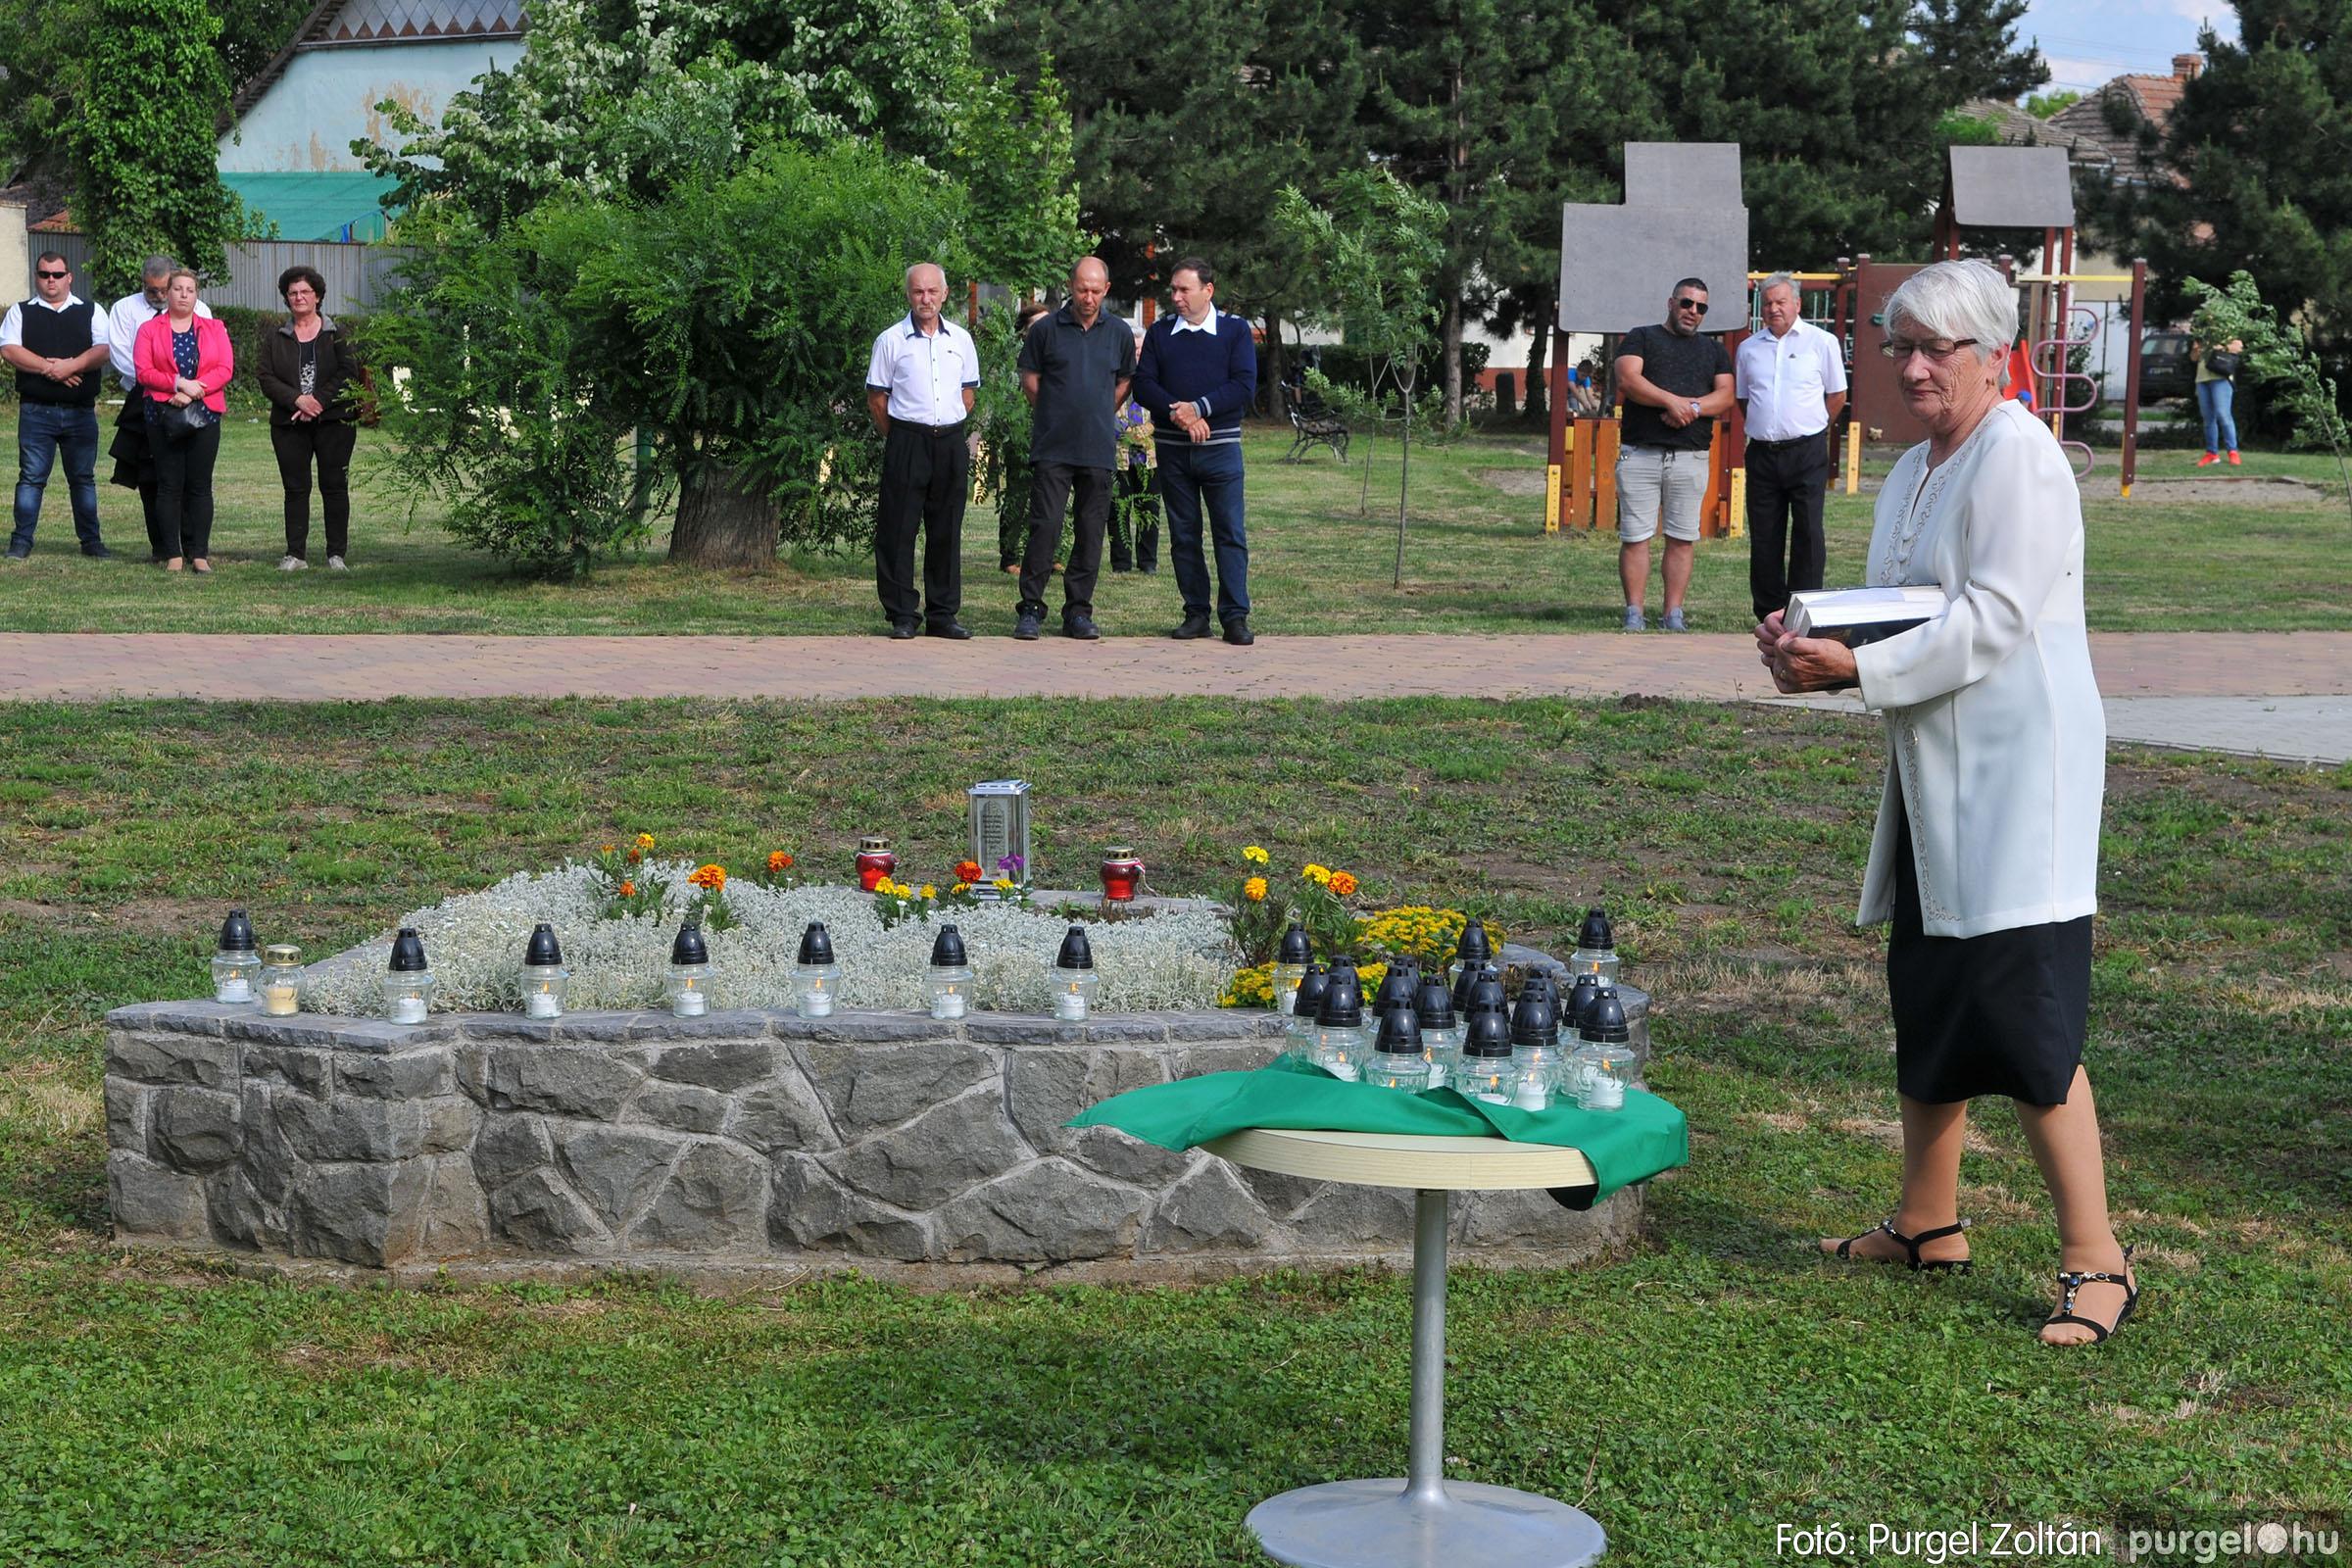 2020.06.04. 028 Trianon 100. évforduló, megemlékezés - Fotó: Purgel Zoltán© - D3K_7302q.jpg